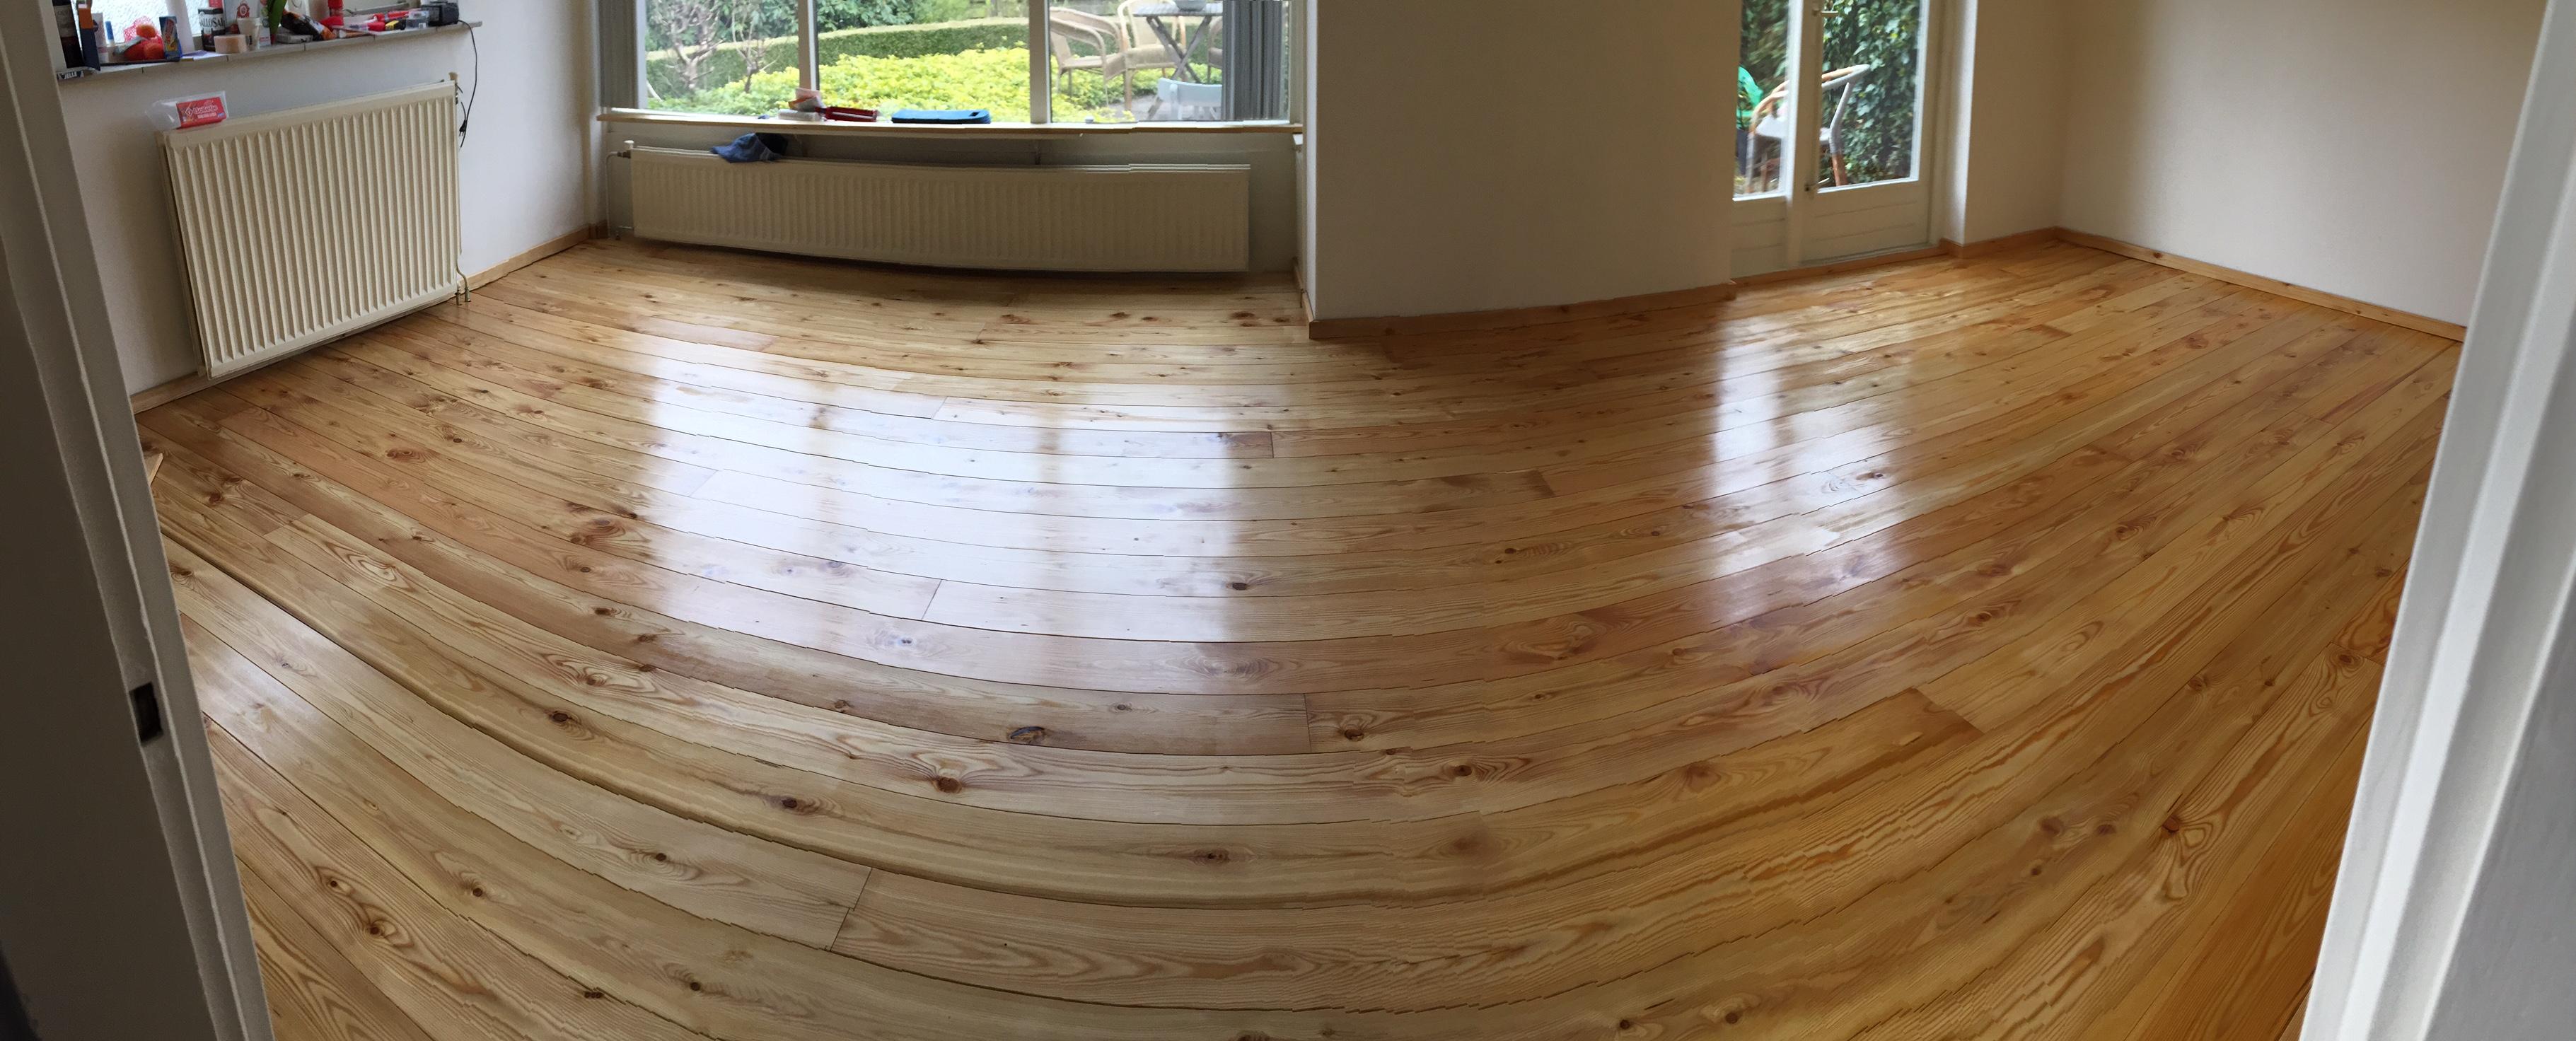 houten vloer tuinhuis leggen wooden floor pack for log cabins